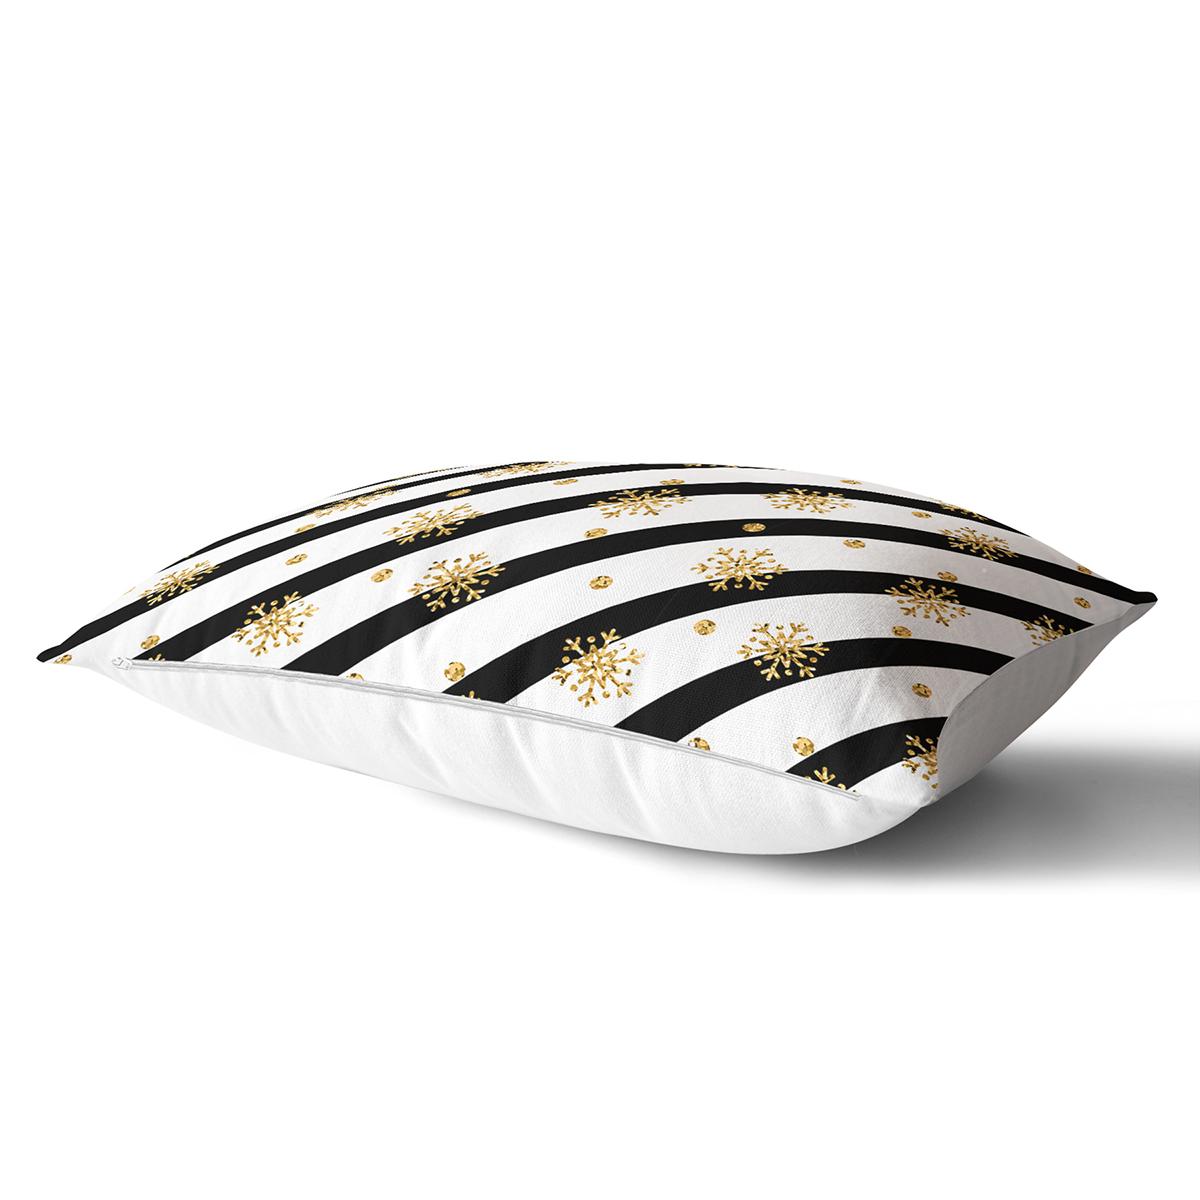 Beyaz Zemin Üzerinde Gold Detaylı Kartanesi Desenli Dikdörtgen Yastık Kırlent Kılıfı Realhomes